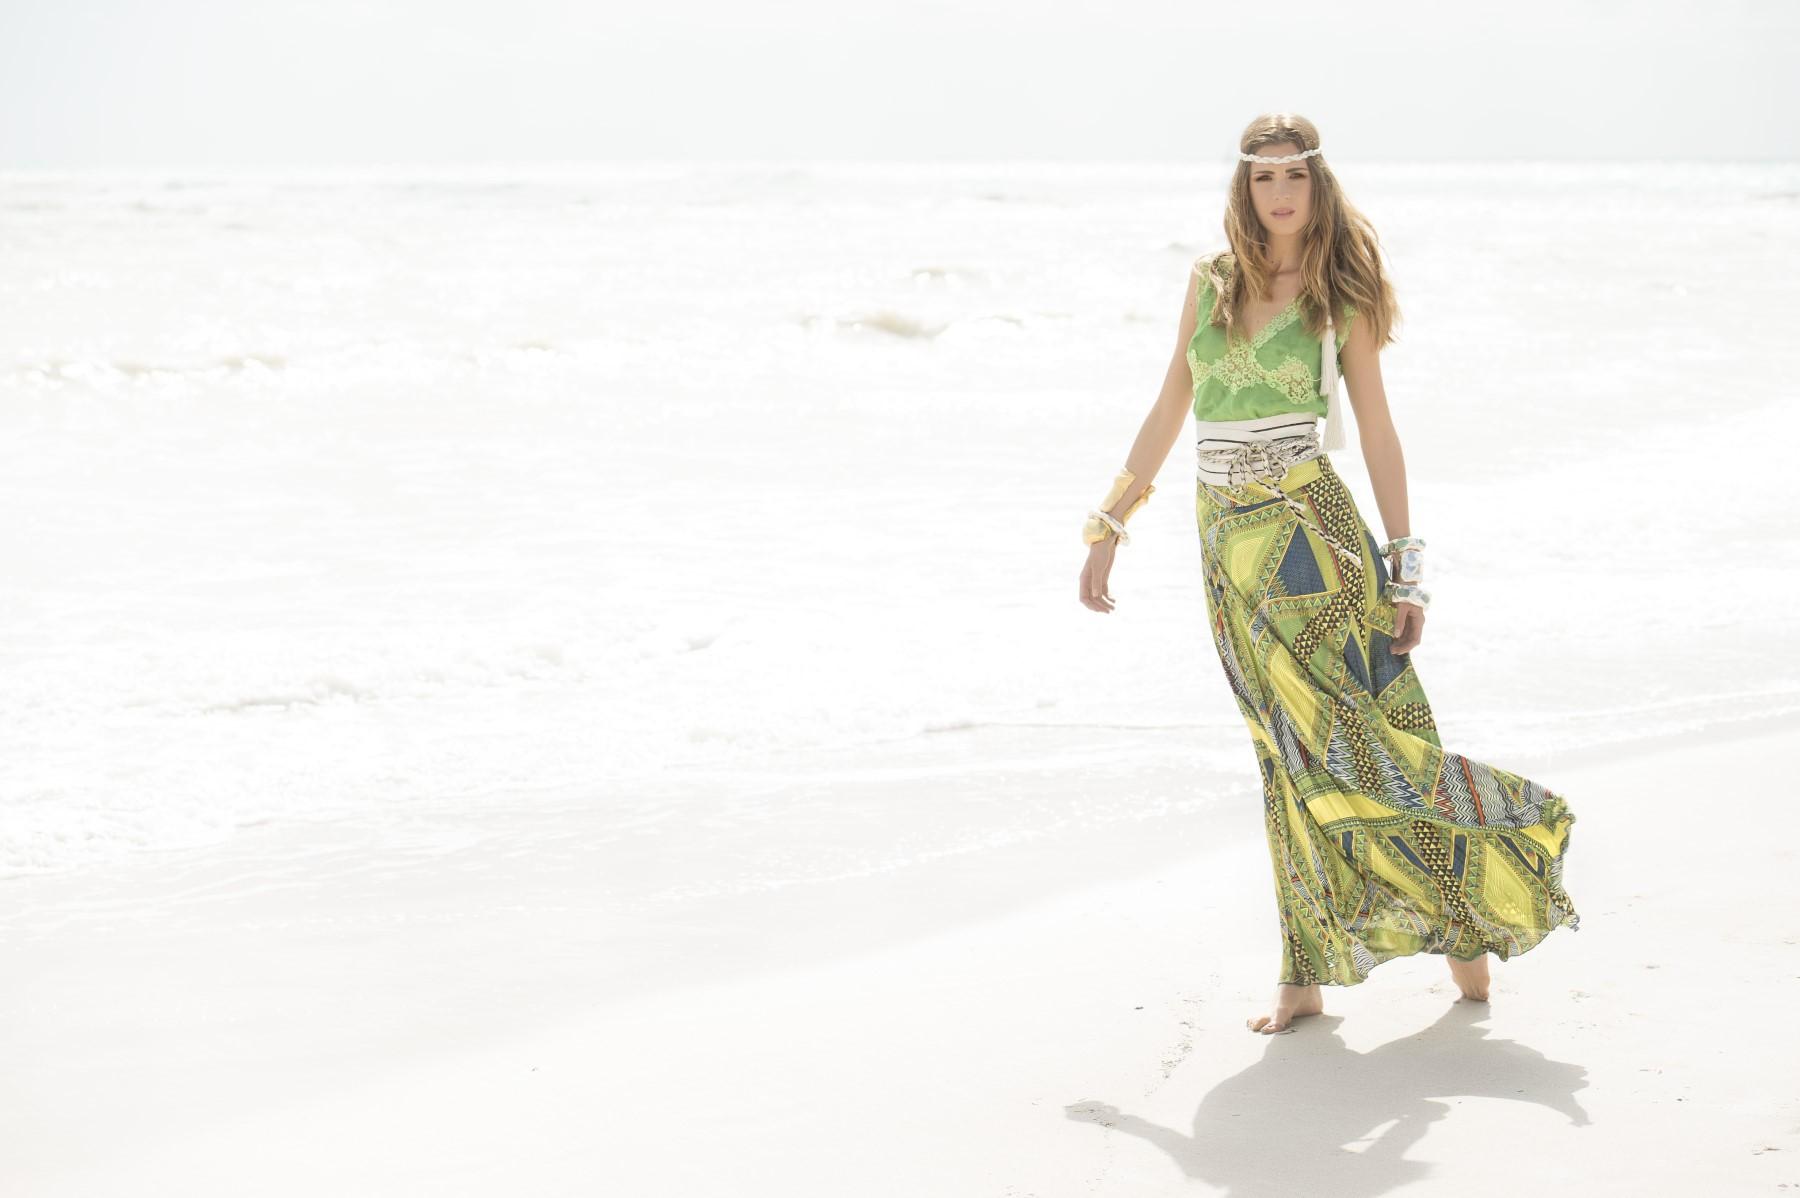 ROP70_046_editoriale Fashion/Adv